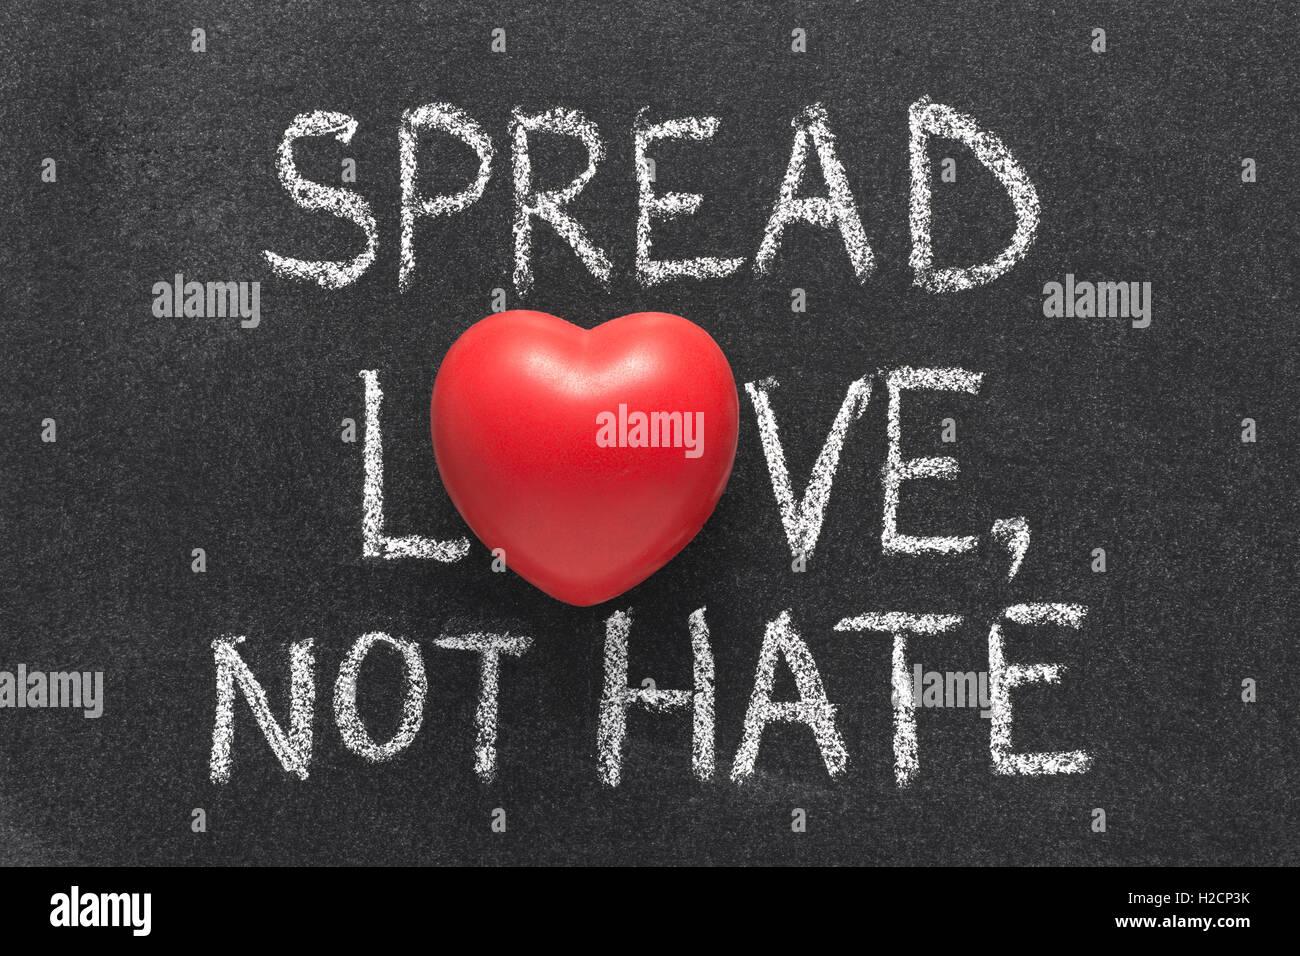 Spread love not hate phrase handwritten on blackboard with heart spread love not hate phrase handwritten on blackboard with heart symbol instead of o biocorpaavc